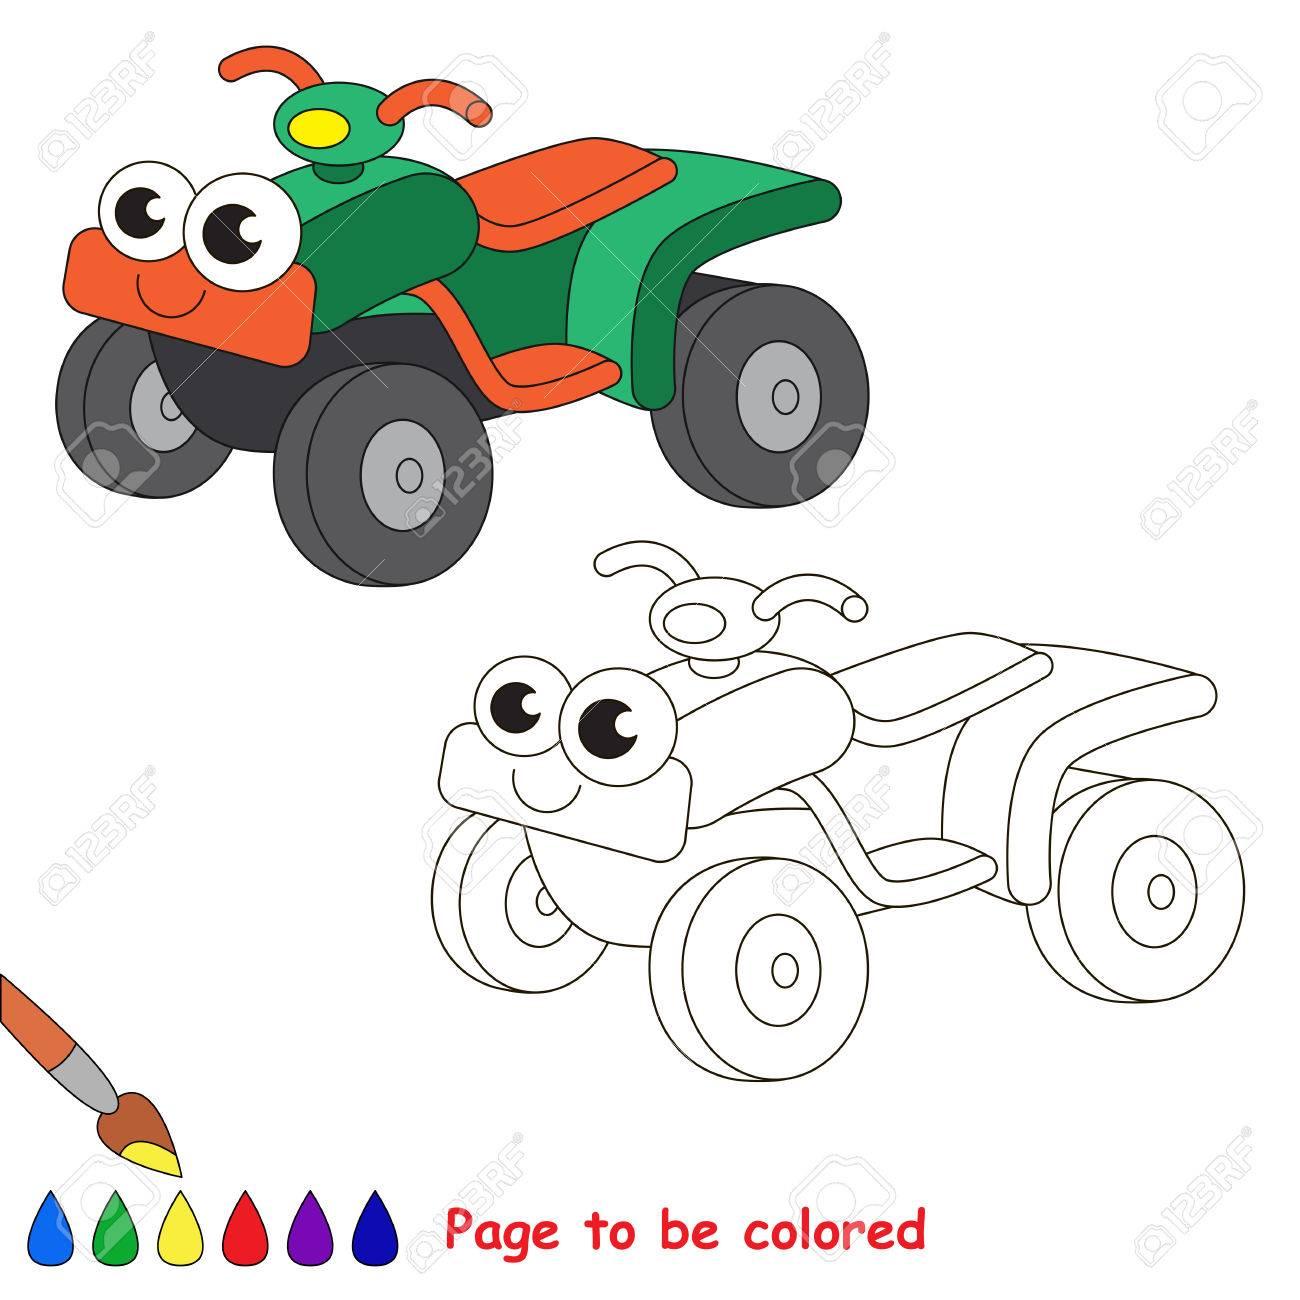 Vert Quad A Colorer Livre A Colorier Pour Eduquer Les Enfants Apprenez Couleurs Jeu Educatif Visuel Facile Jeu D Enfant Et De L Education